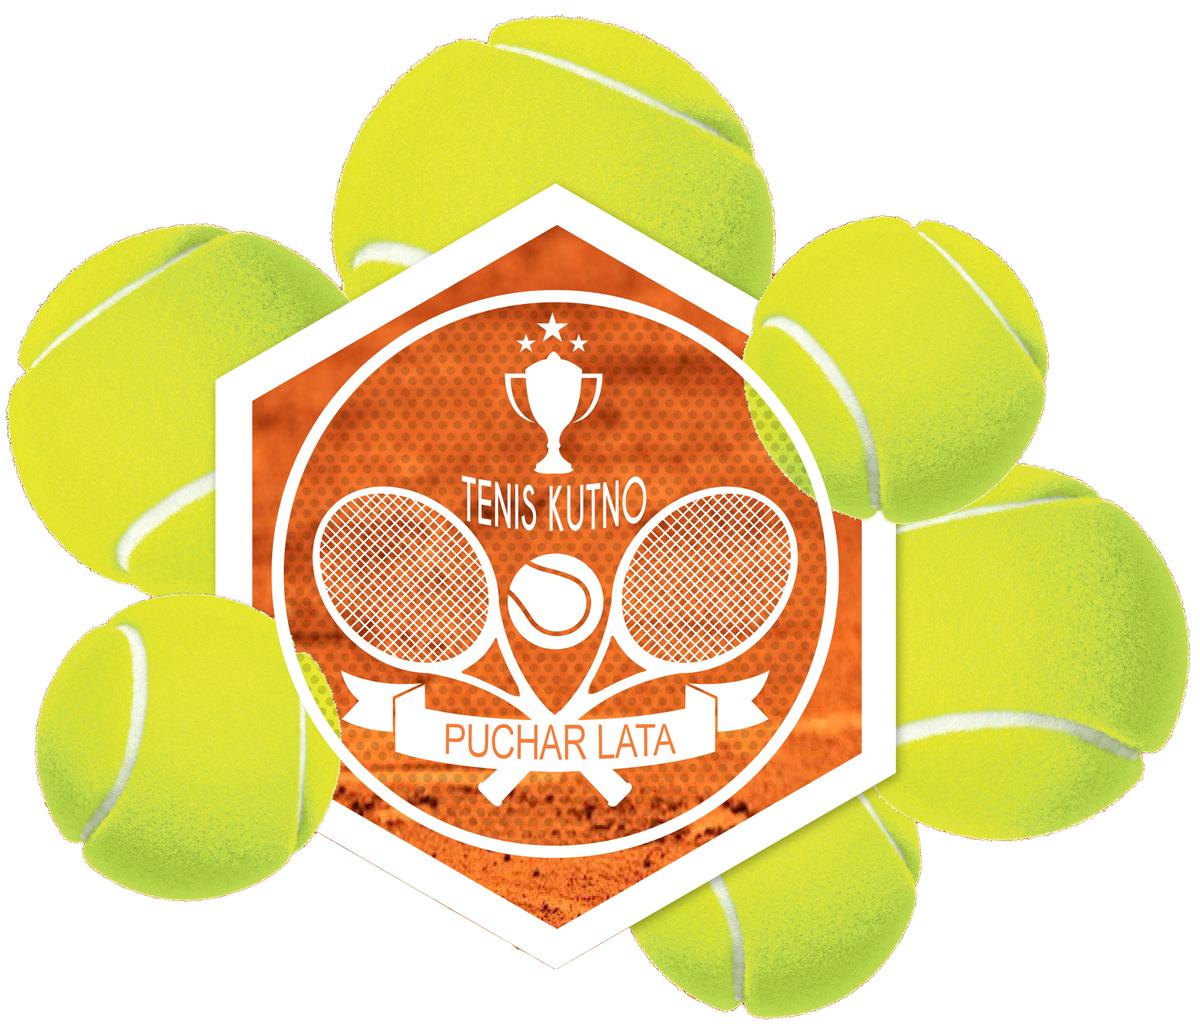 Tenis - Puchar Lata 2021 - Zdjęcie główne